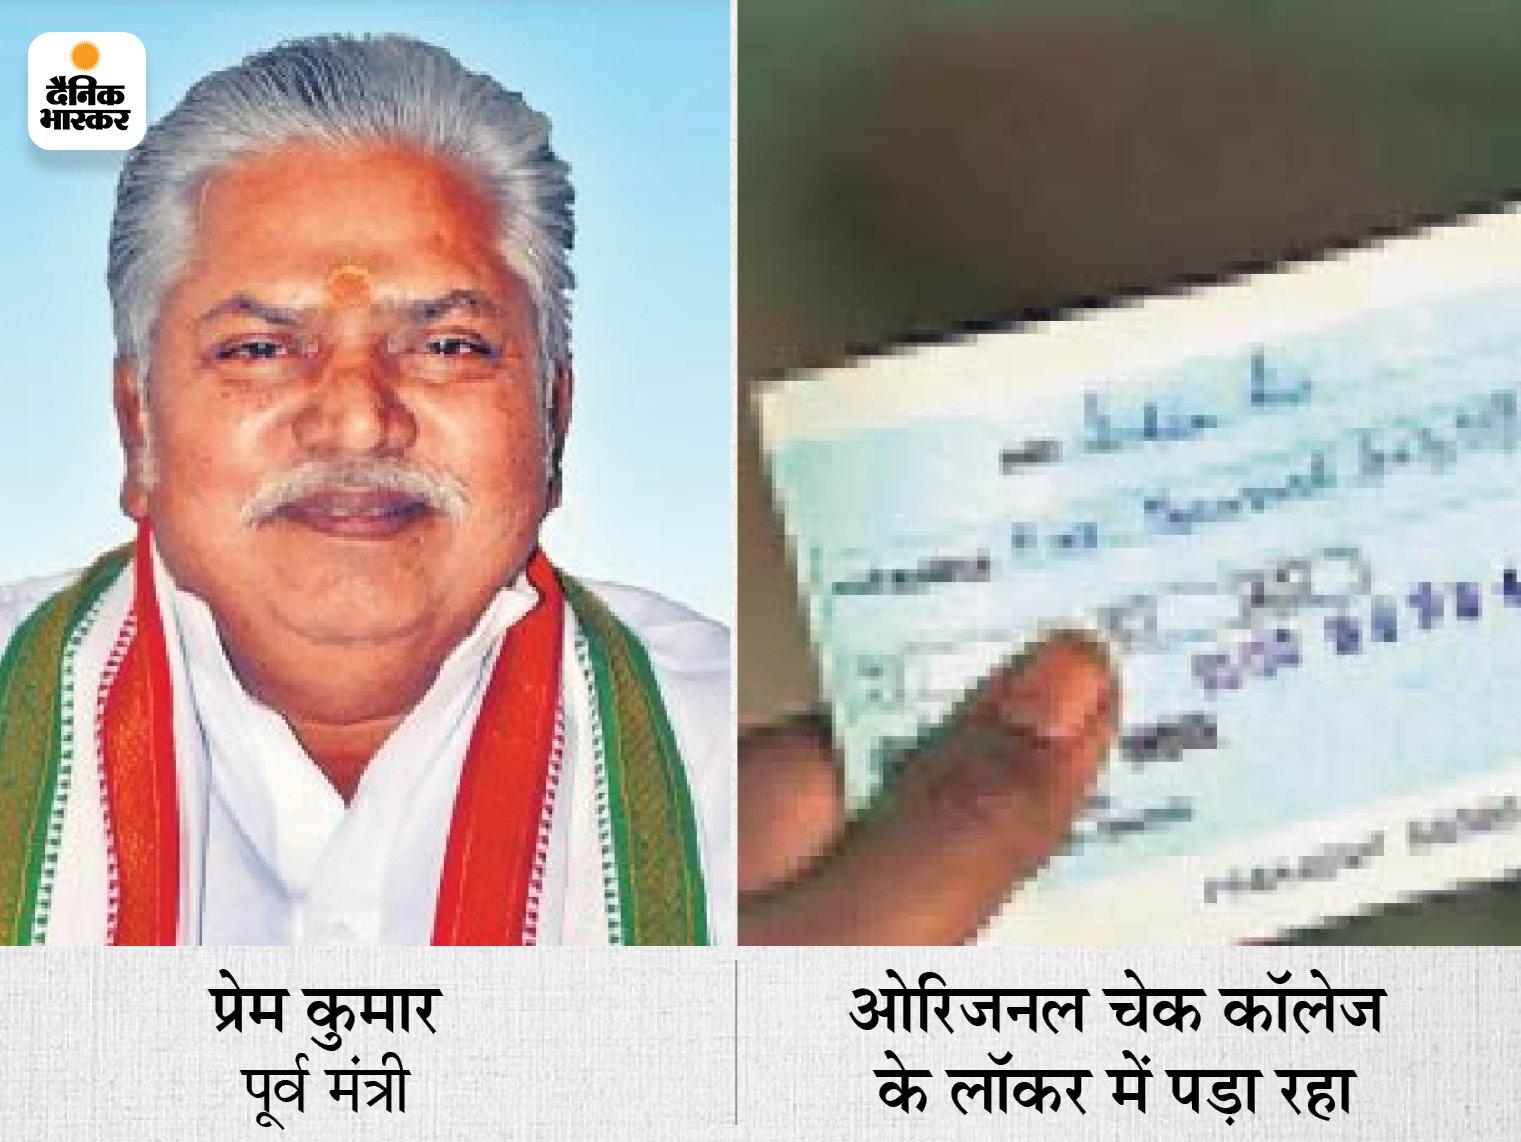 डीजीपी के सरकारी आवास से सटे पूर्व मंत्री के आवास में चोरी, चेक क्लोन कर पटना कॉलेज के बैंक खाते से 62 लाख निकाले पटना,Patna - Dainik Bhaskar